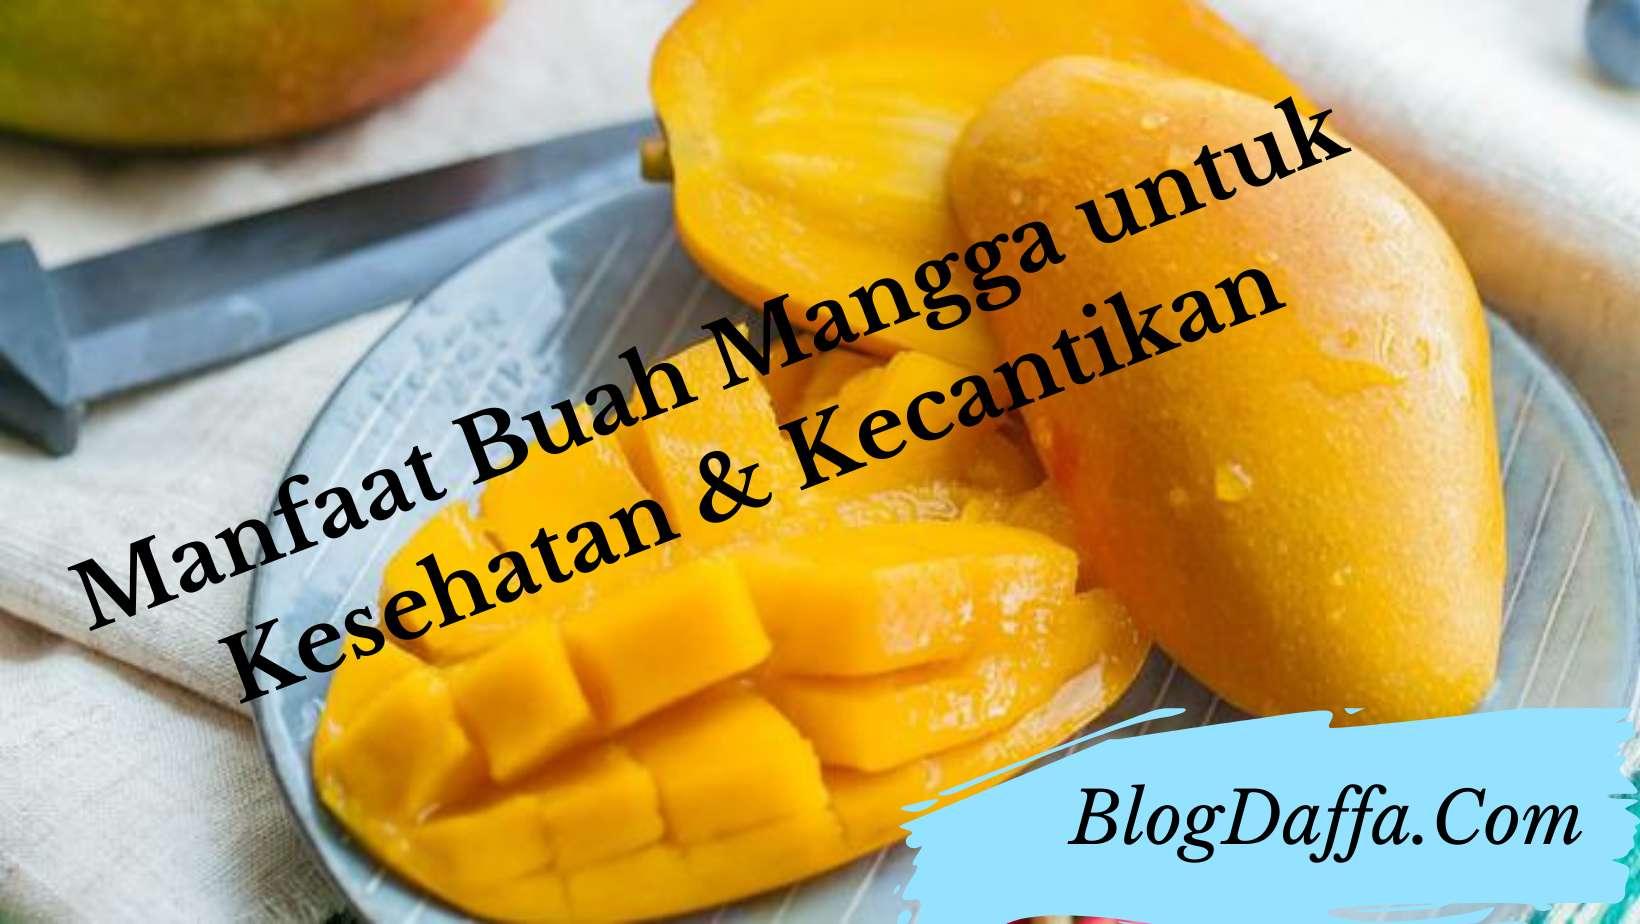 Manfaat buah mangga untuk kesehatan dan kecantikan